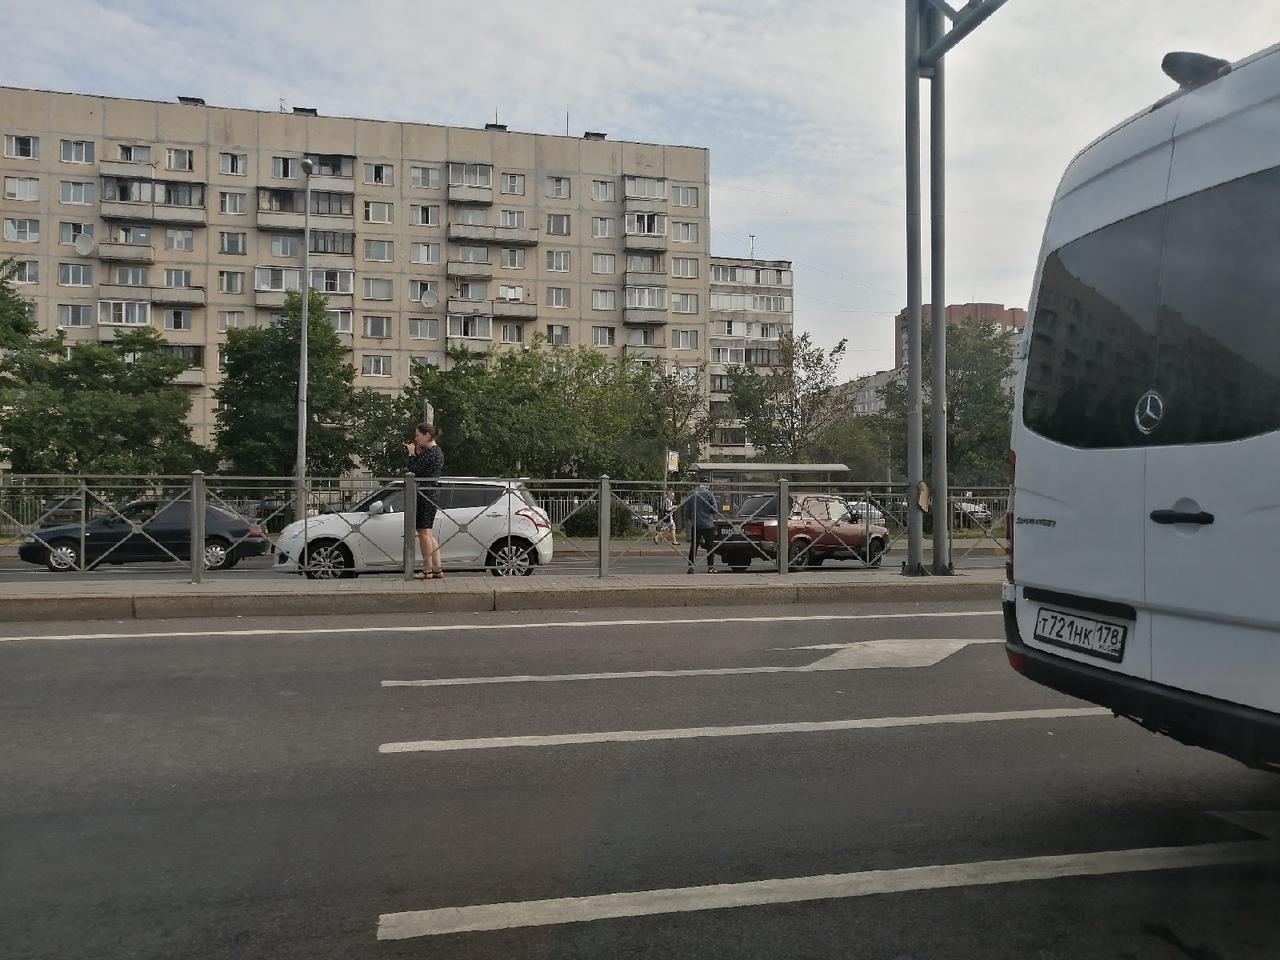 Утреннее рандеву на Дунайском пр у д 38 очень расстроило девушку.